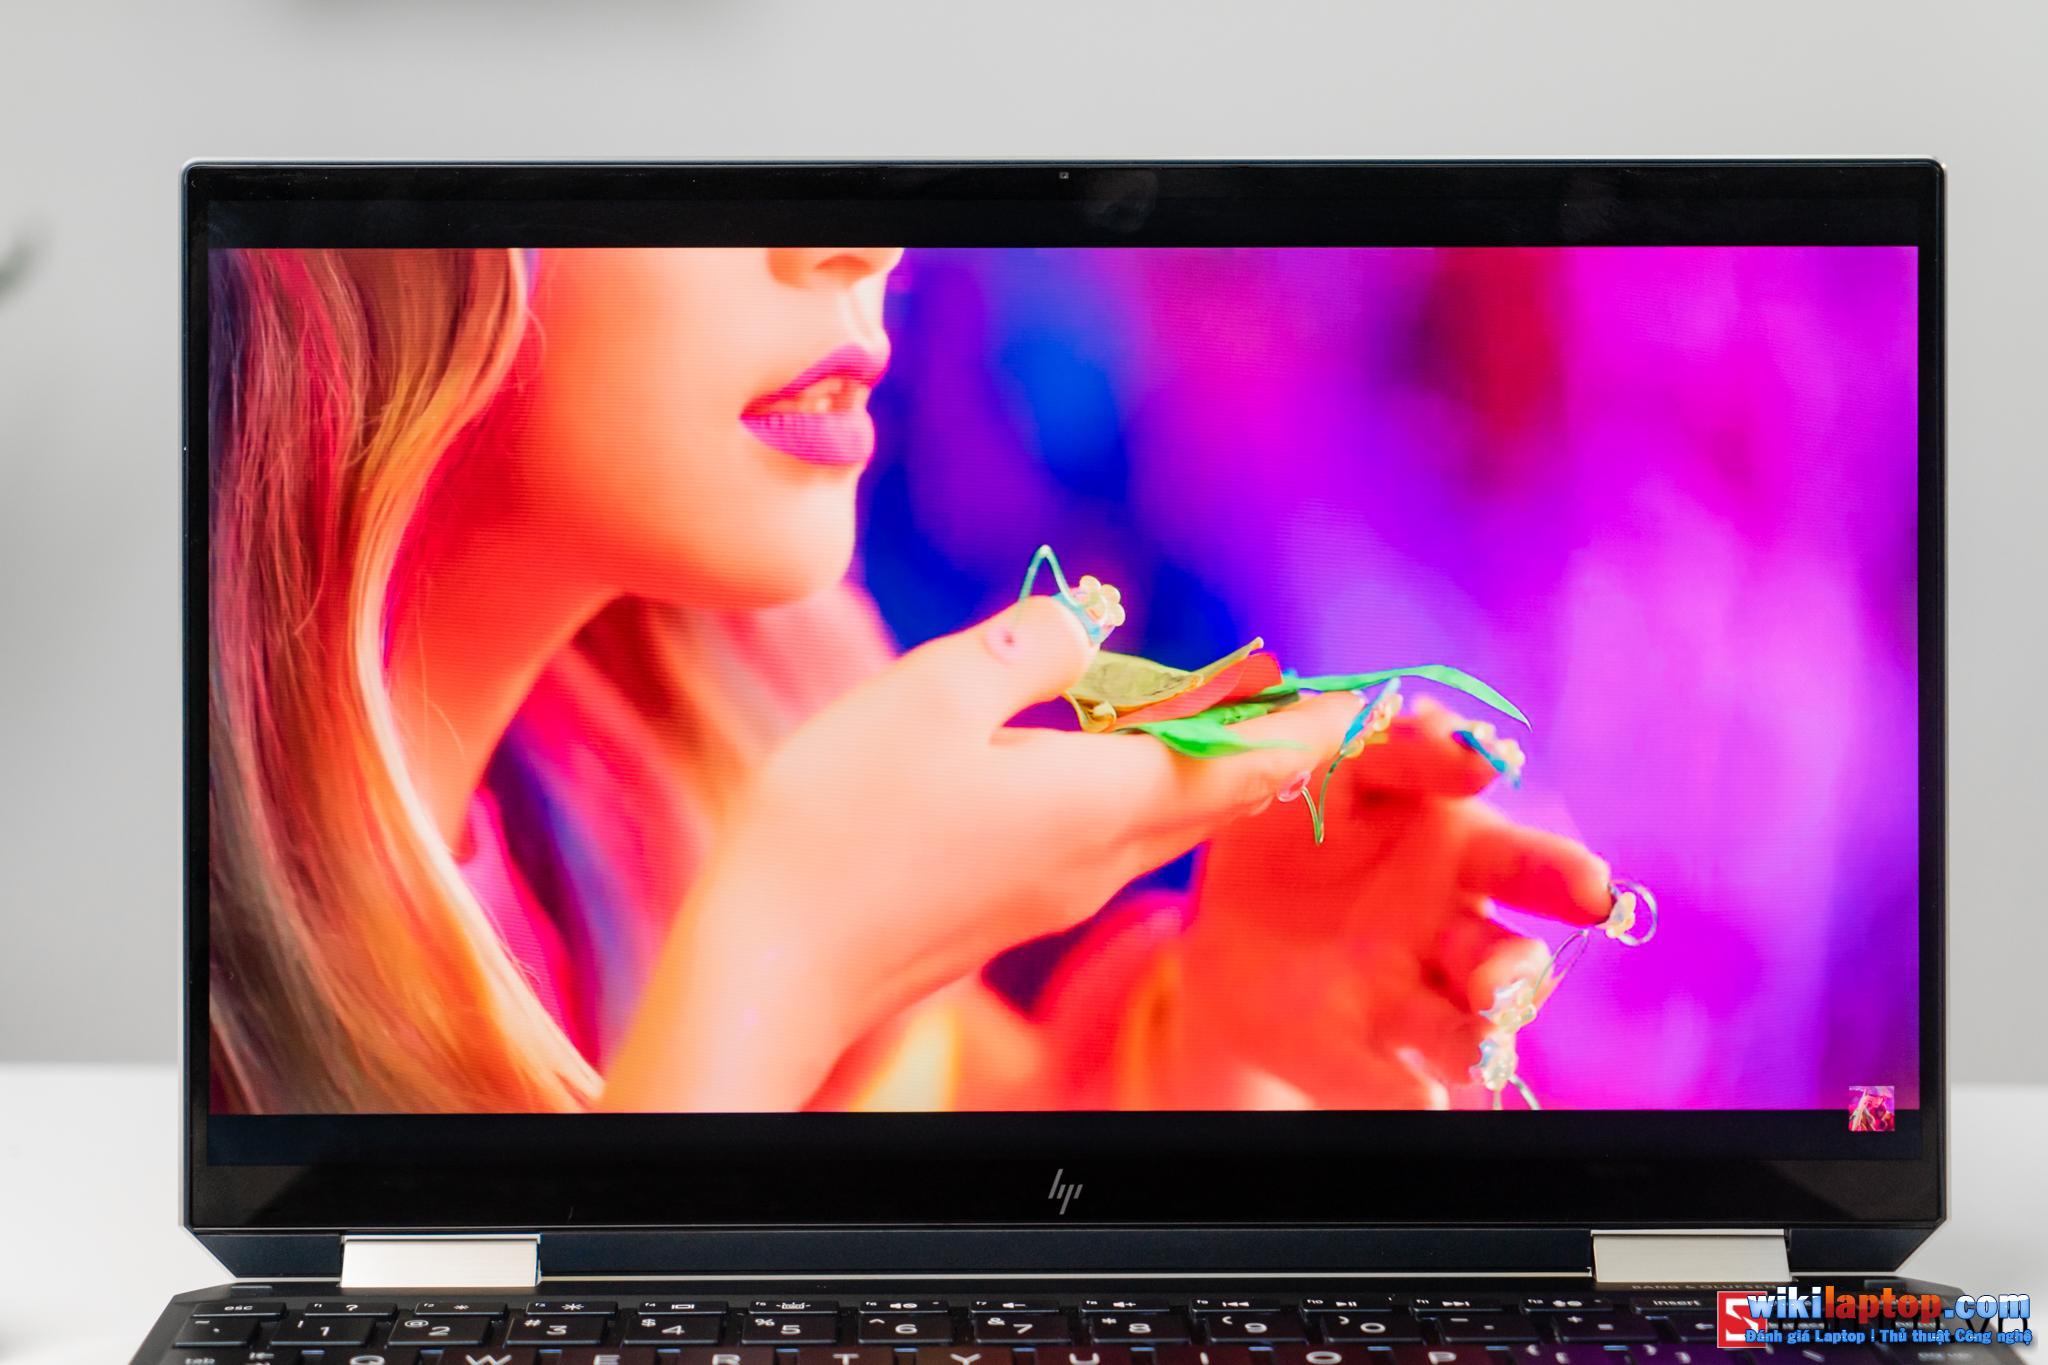 Sforum - Trang thông tin công nghệ mới nhất CPS-HP-Specter-X360-13-76 Đánh giá chi tiết HP Spectre x360 13: Cái gì bên trong một chiếc Laptop có giá gần 50 triệu HP?